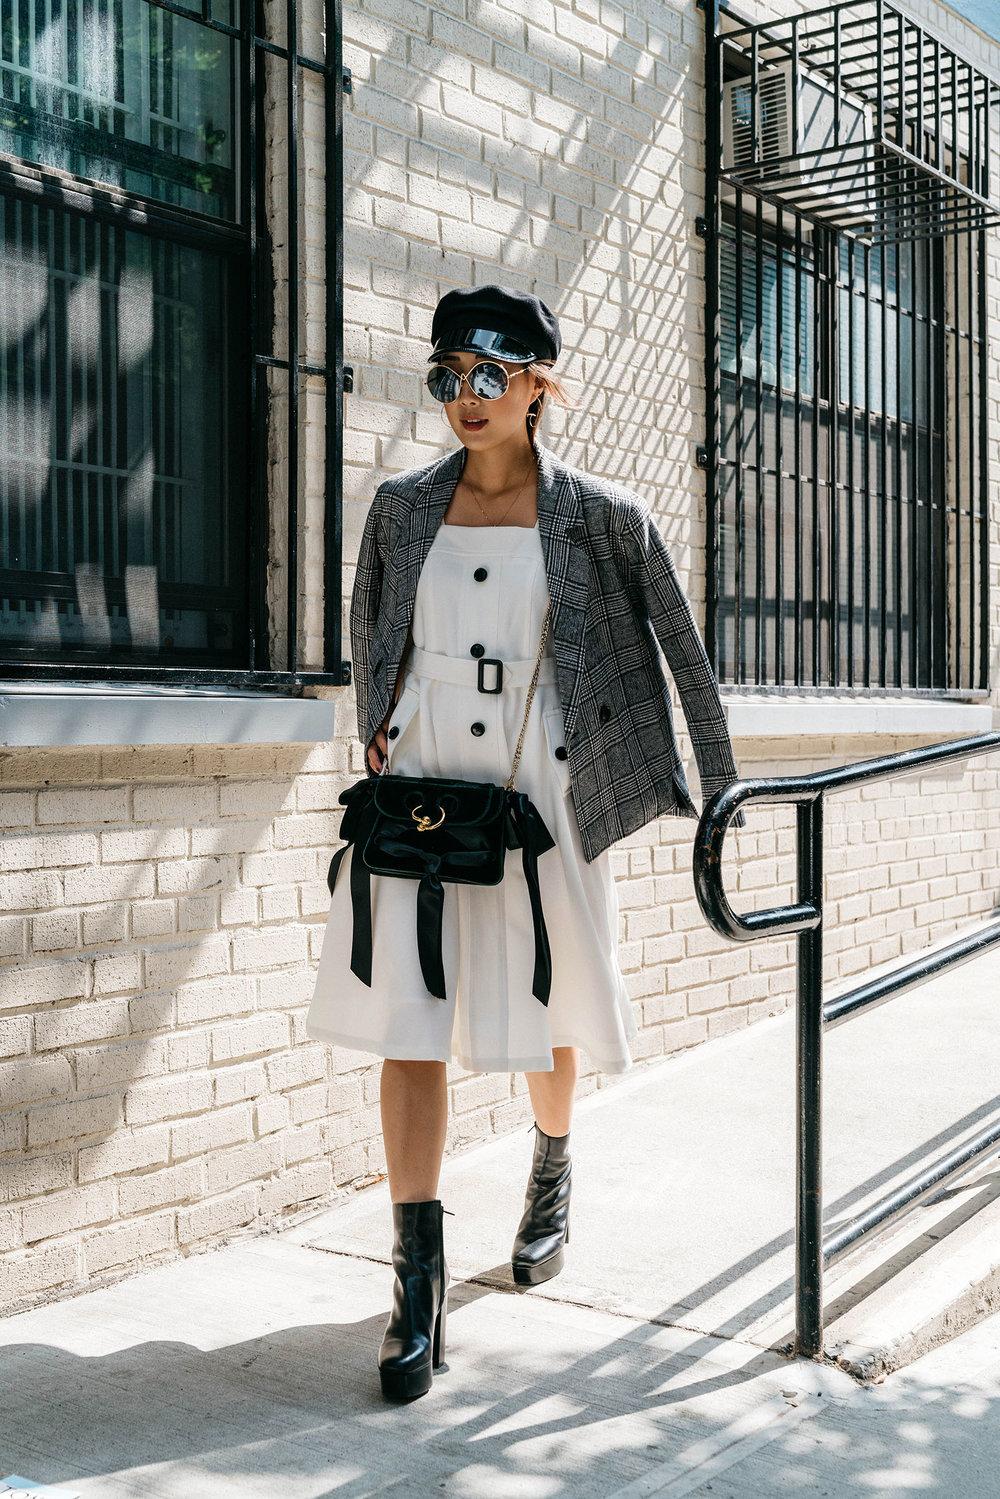 Petite Studio Jacket and Dress, J.W. Anderson Bag, Alexander Wang Boots, Altuzarra Sunglasses